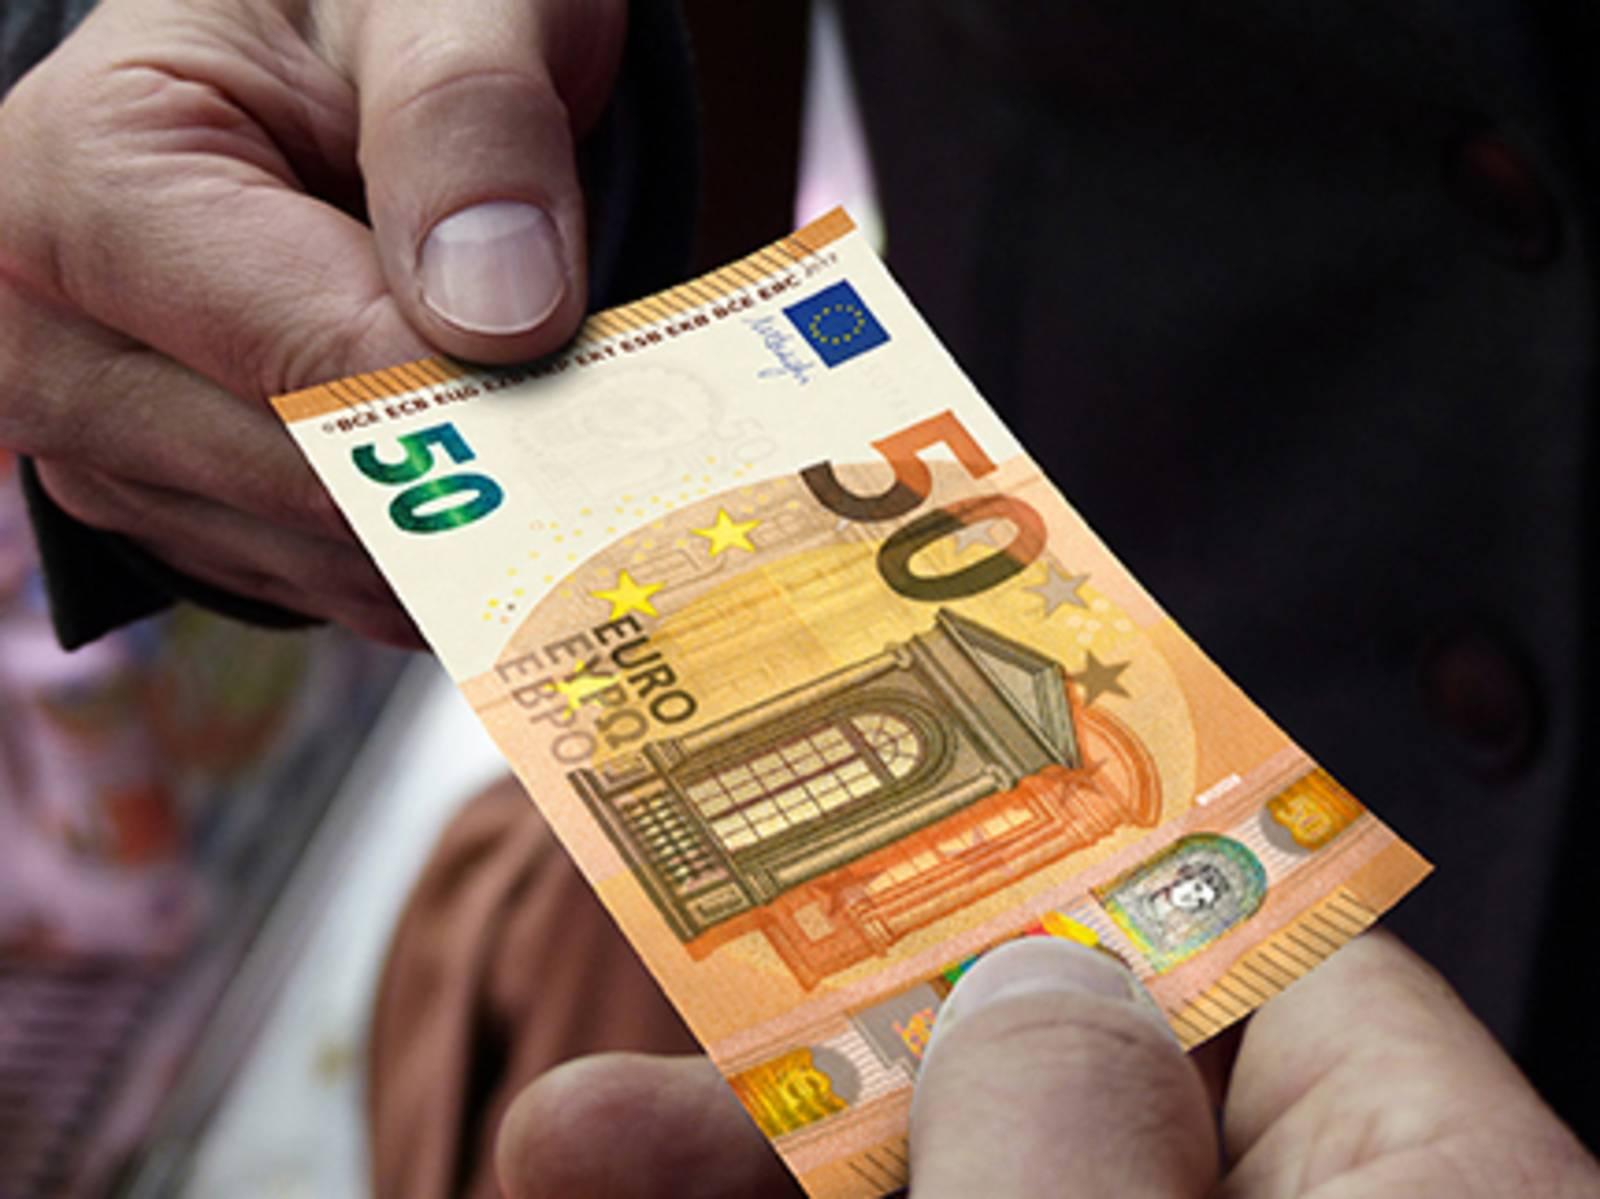 Ein Geldschein wird weitergereicht.